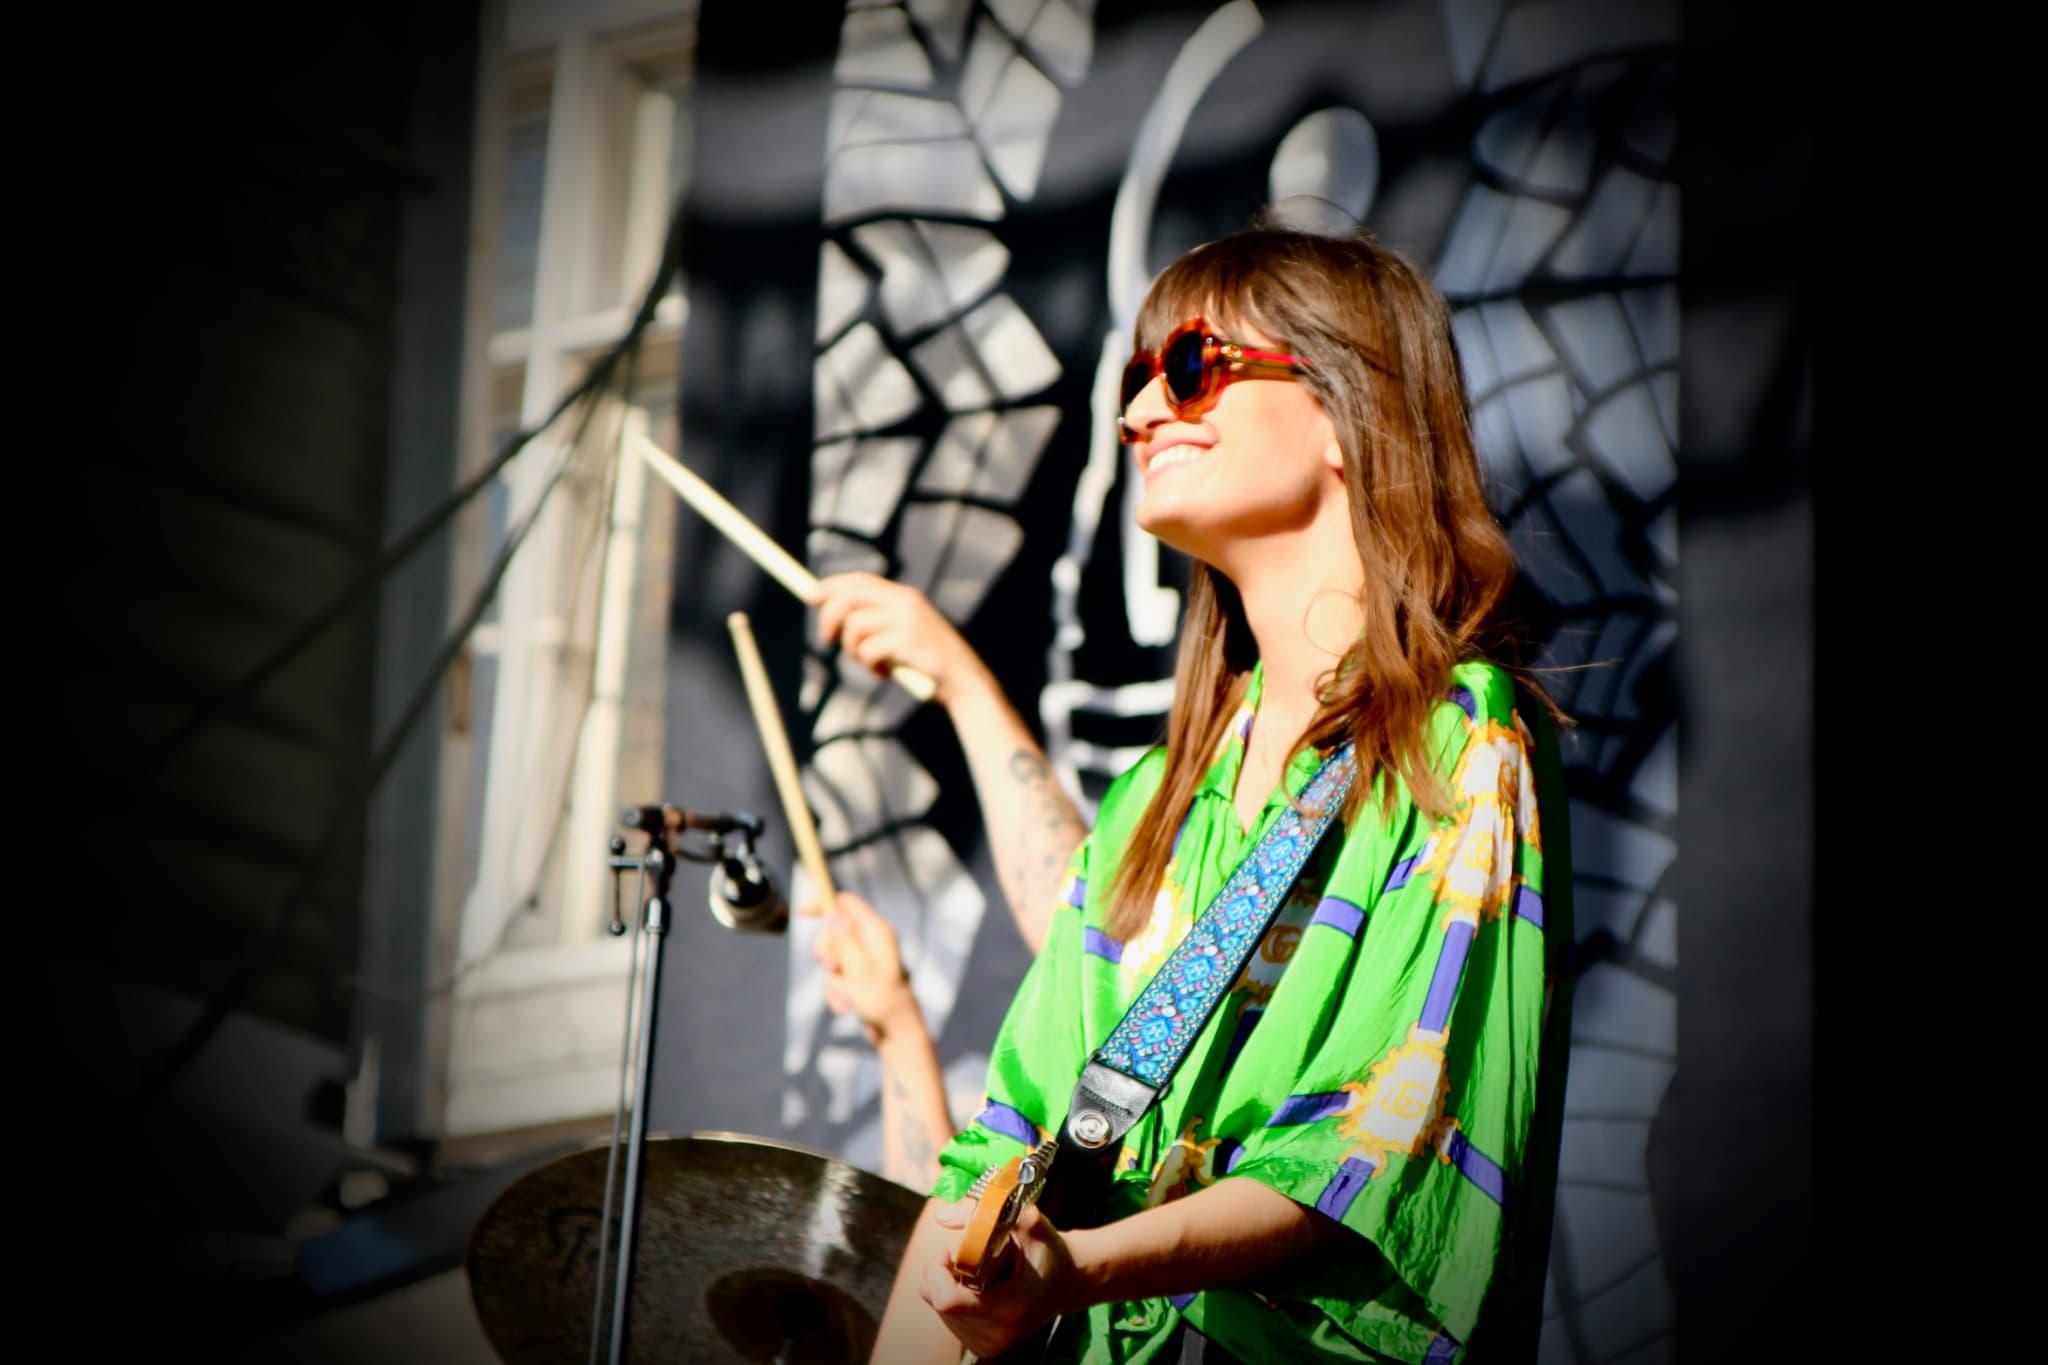 La chanteuse Clara Luciani a ravi le public du FNAC Live Paris.